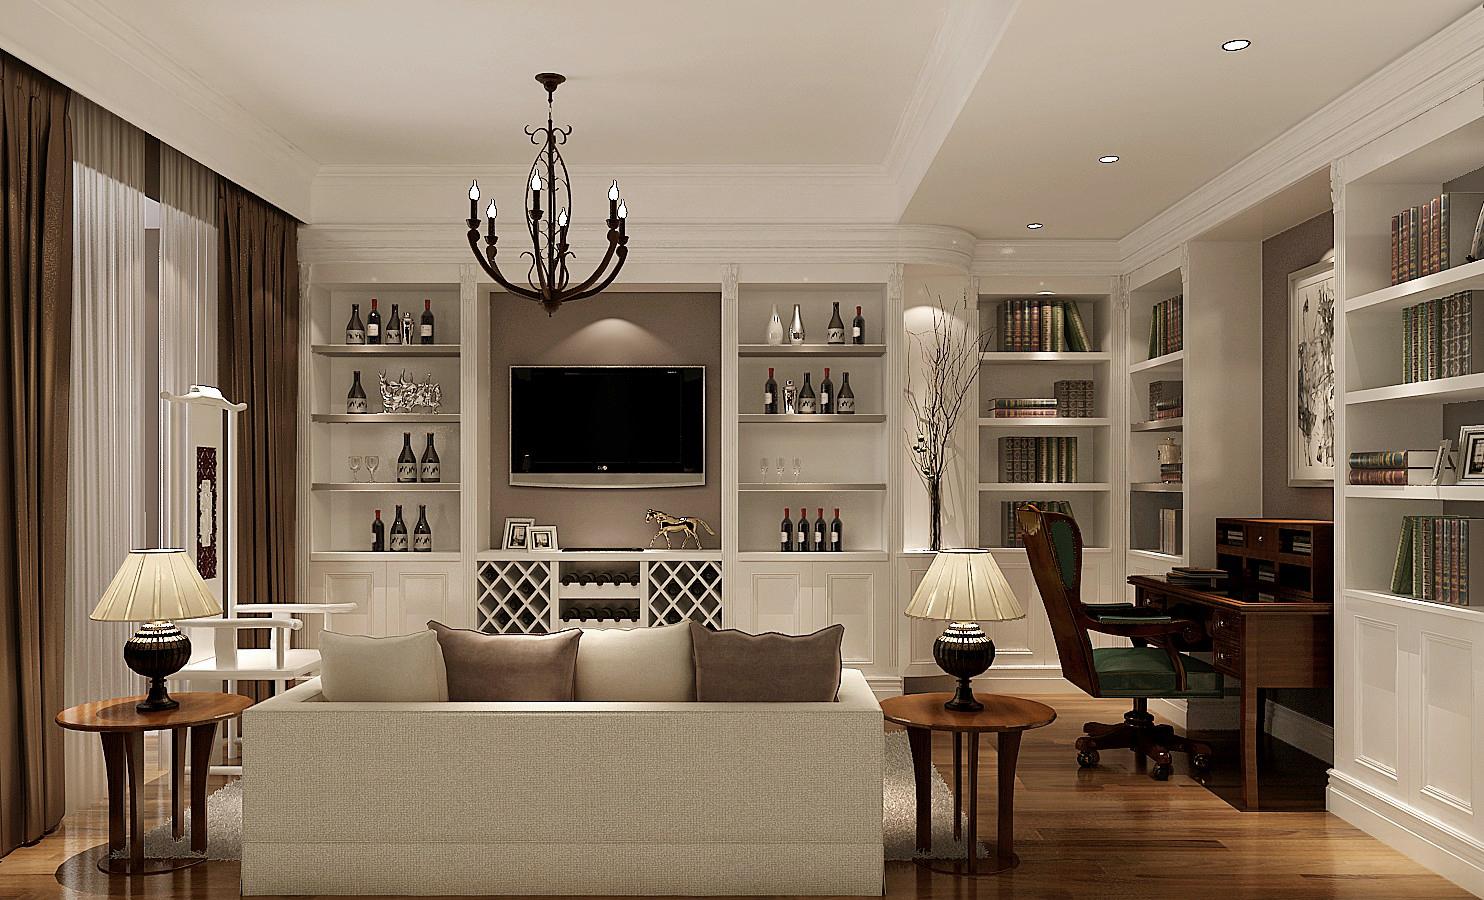 简约 美式 高度国际 时尚 公寓 白领 80后 白富美 温馨 客厅图片来自北京高度国际装饰设计在果岭Class美式简约幸福之家的分享